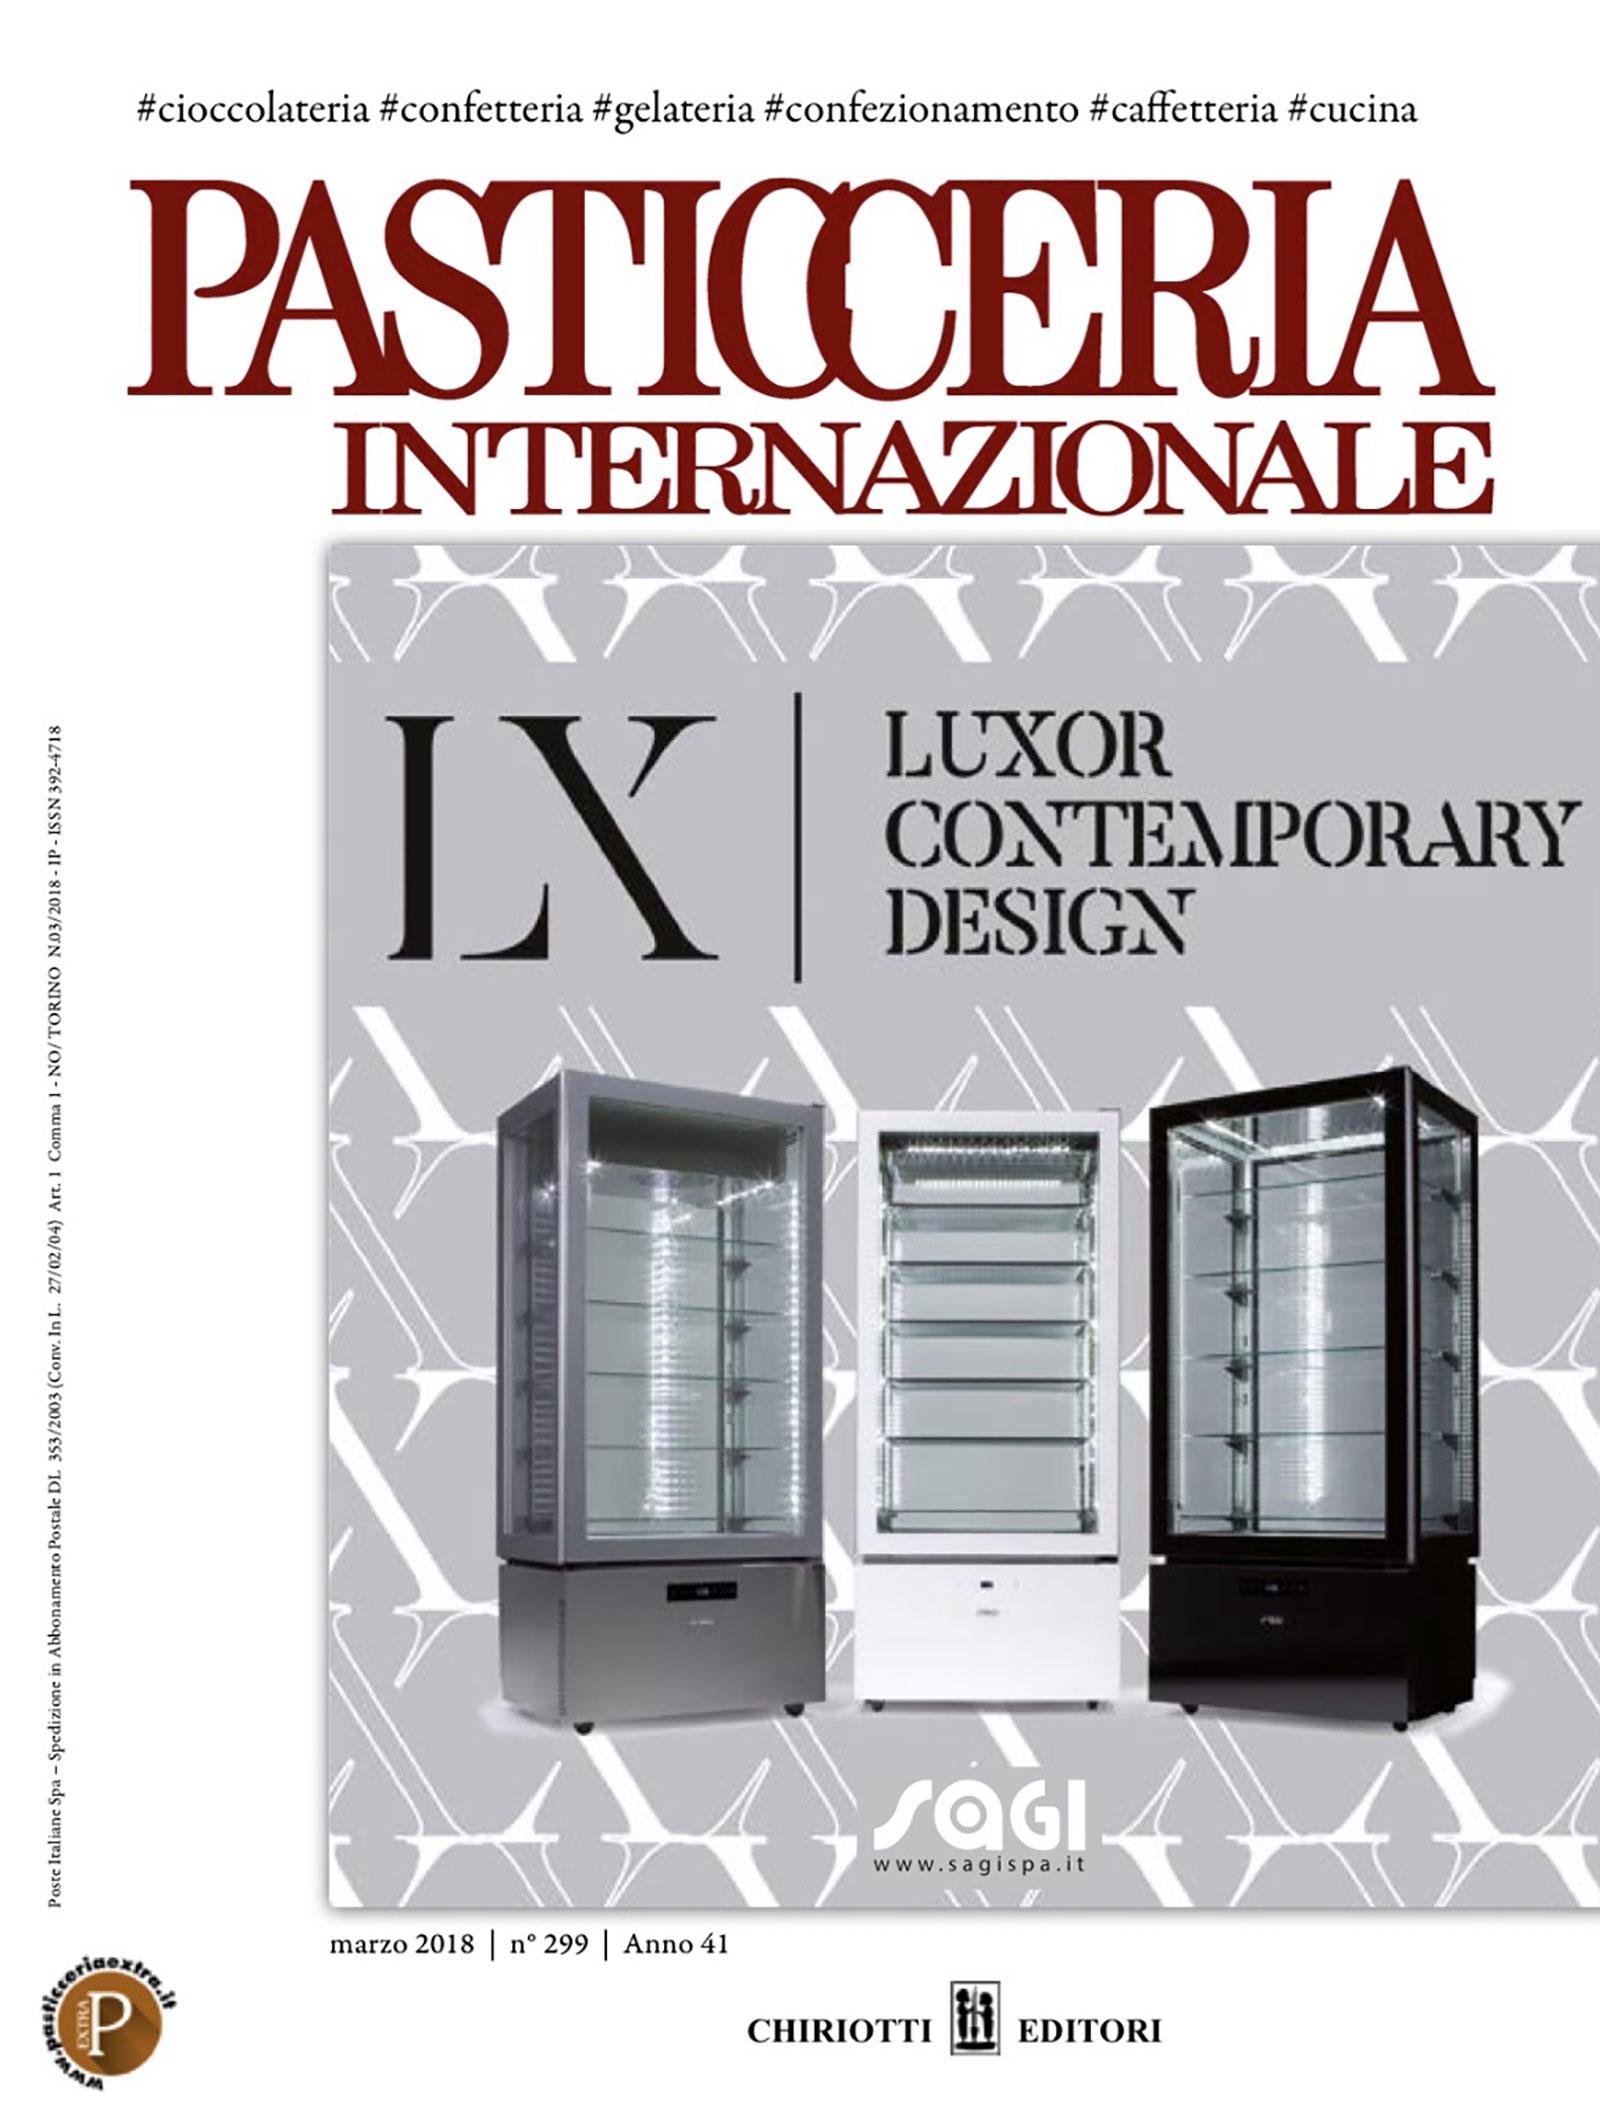 2018-03-press-madeamano-pasticceria-internazionale-01-1600px